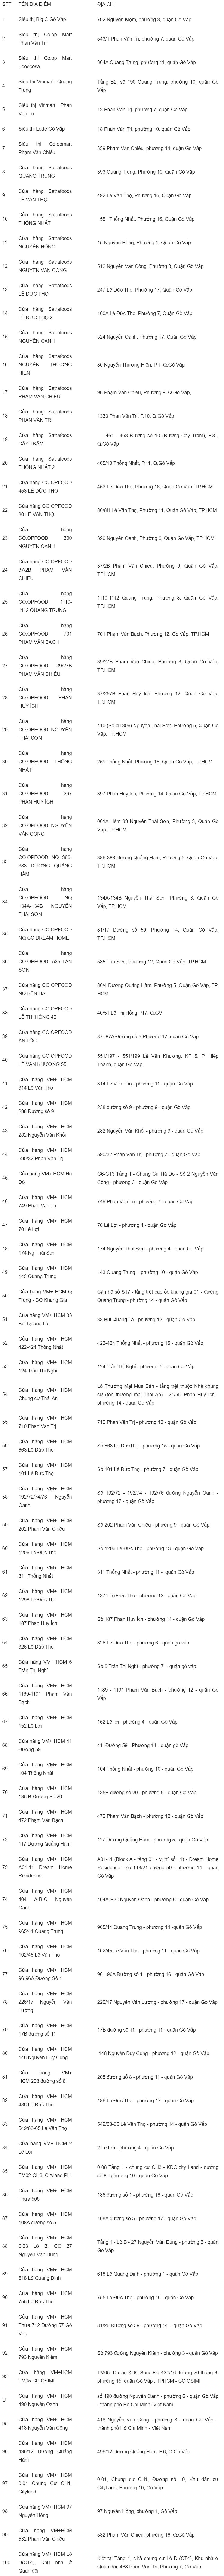 danh sách địa điểm bán khẩu trang gò vấp